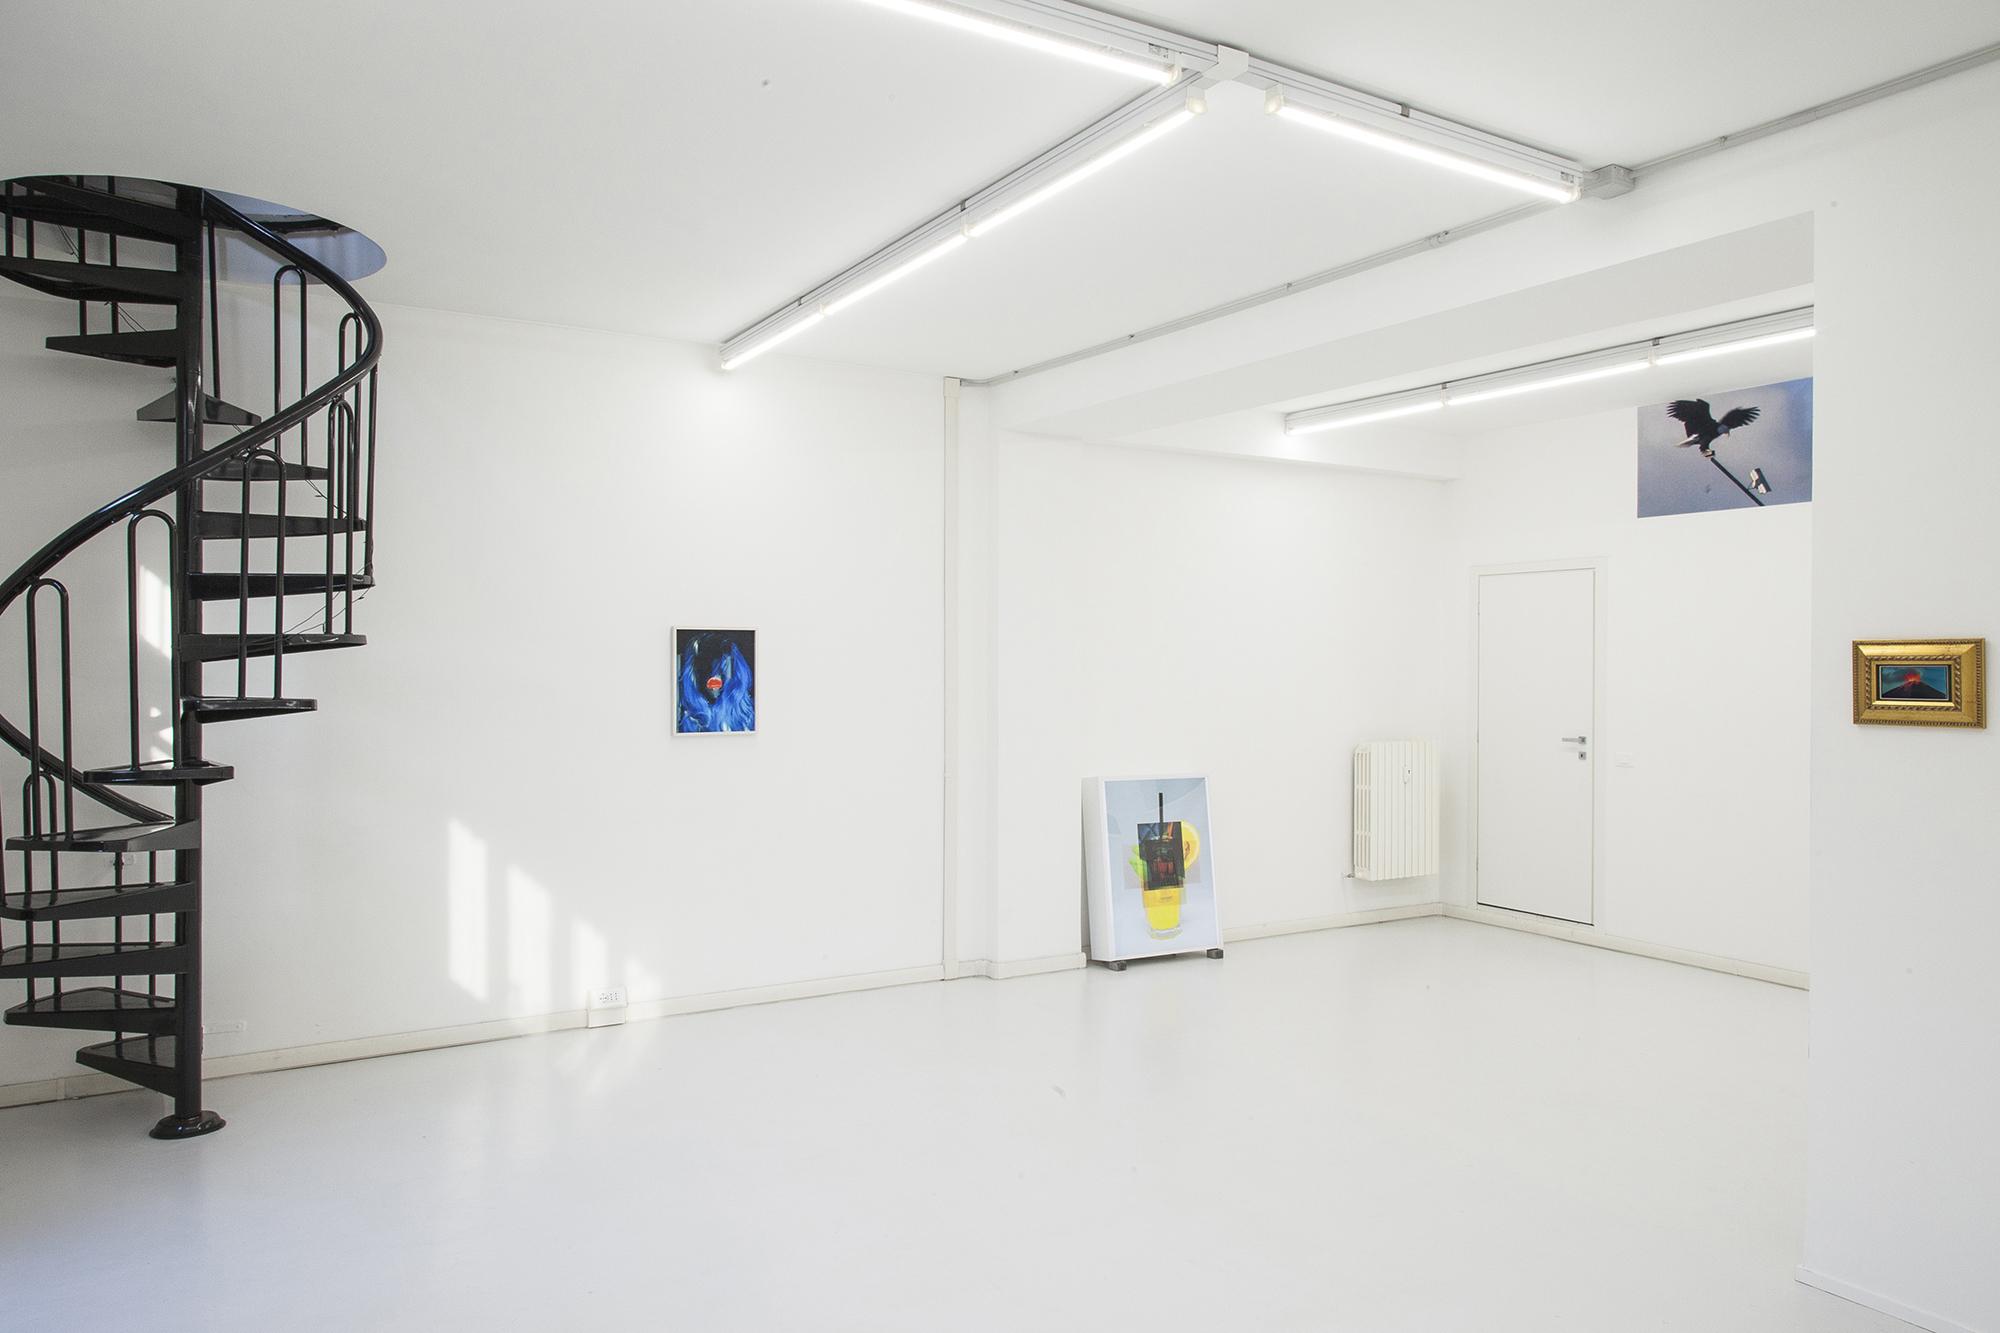 – RETINA Installation Views @ Gluqbar: da sinistra a destra Enrico Boccioletti, Alessandro Calabrese, Irene Fenara, Martina Corà